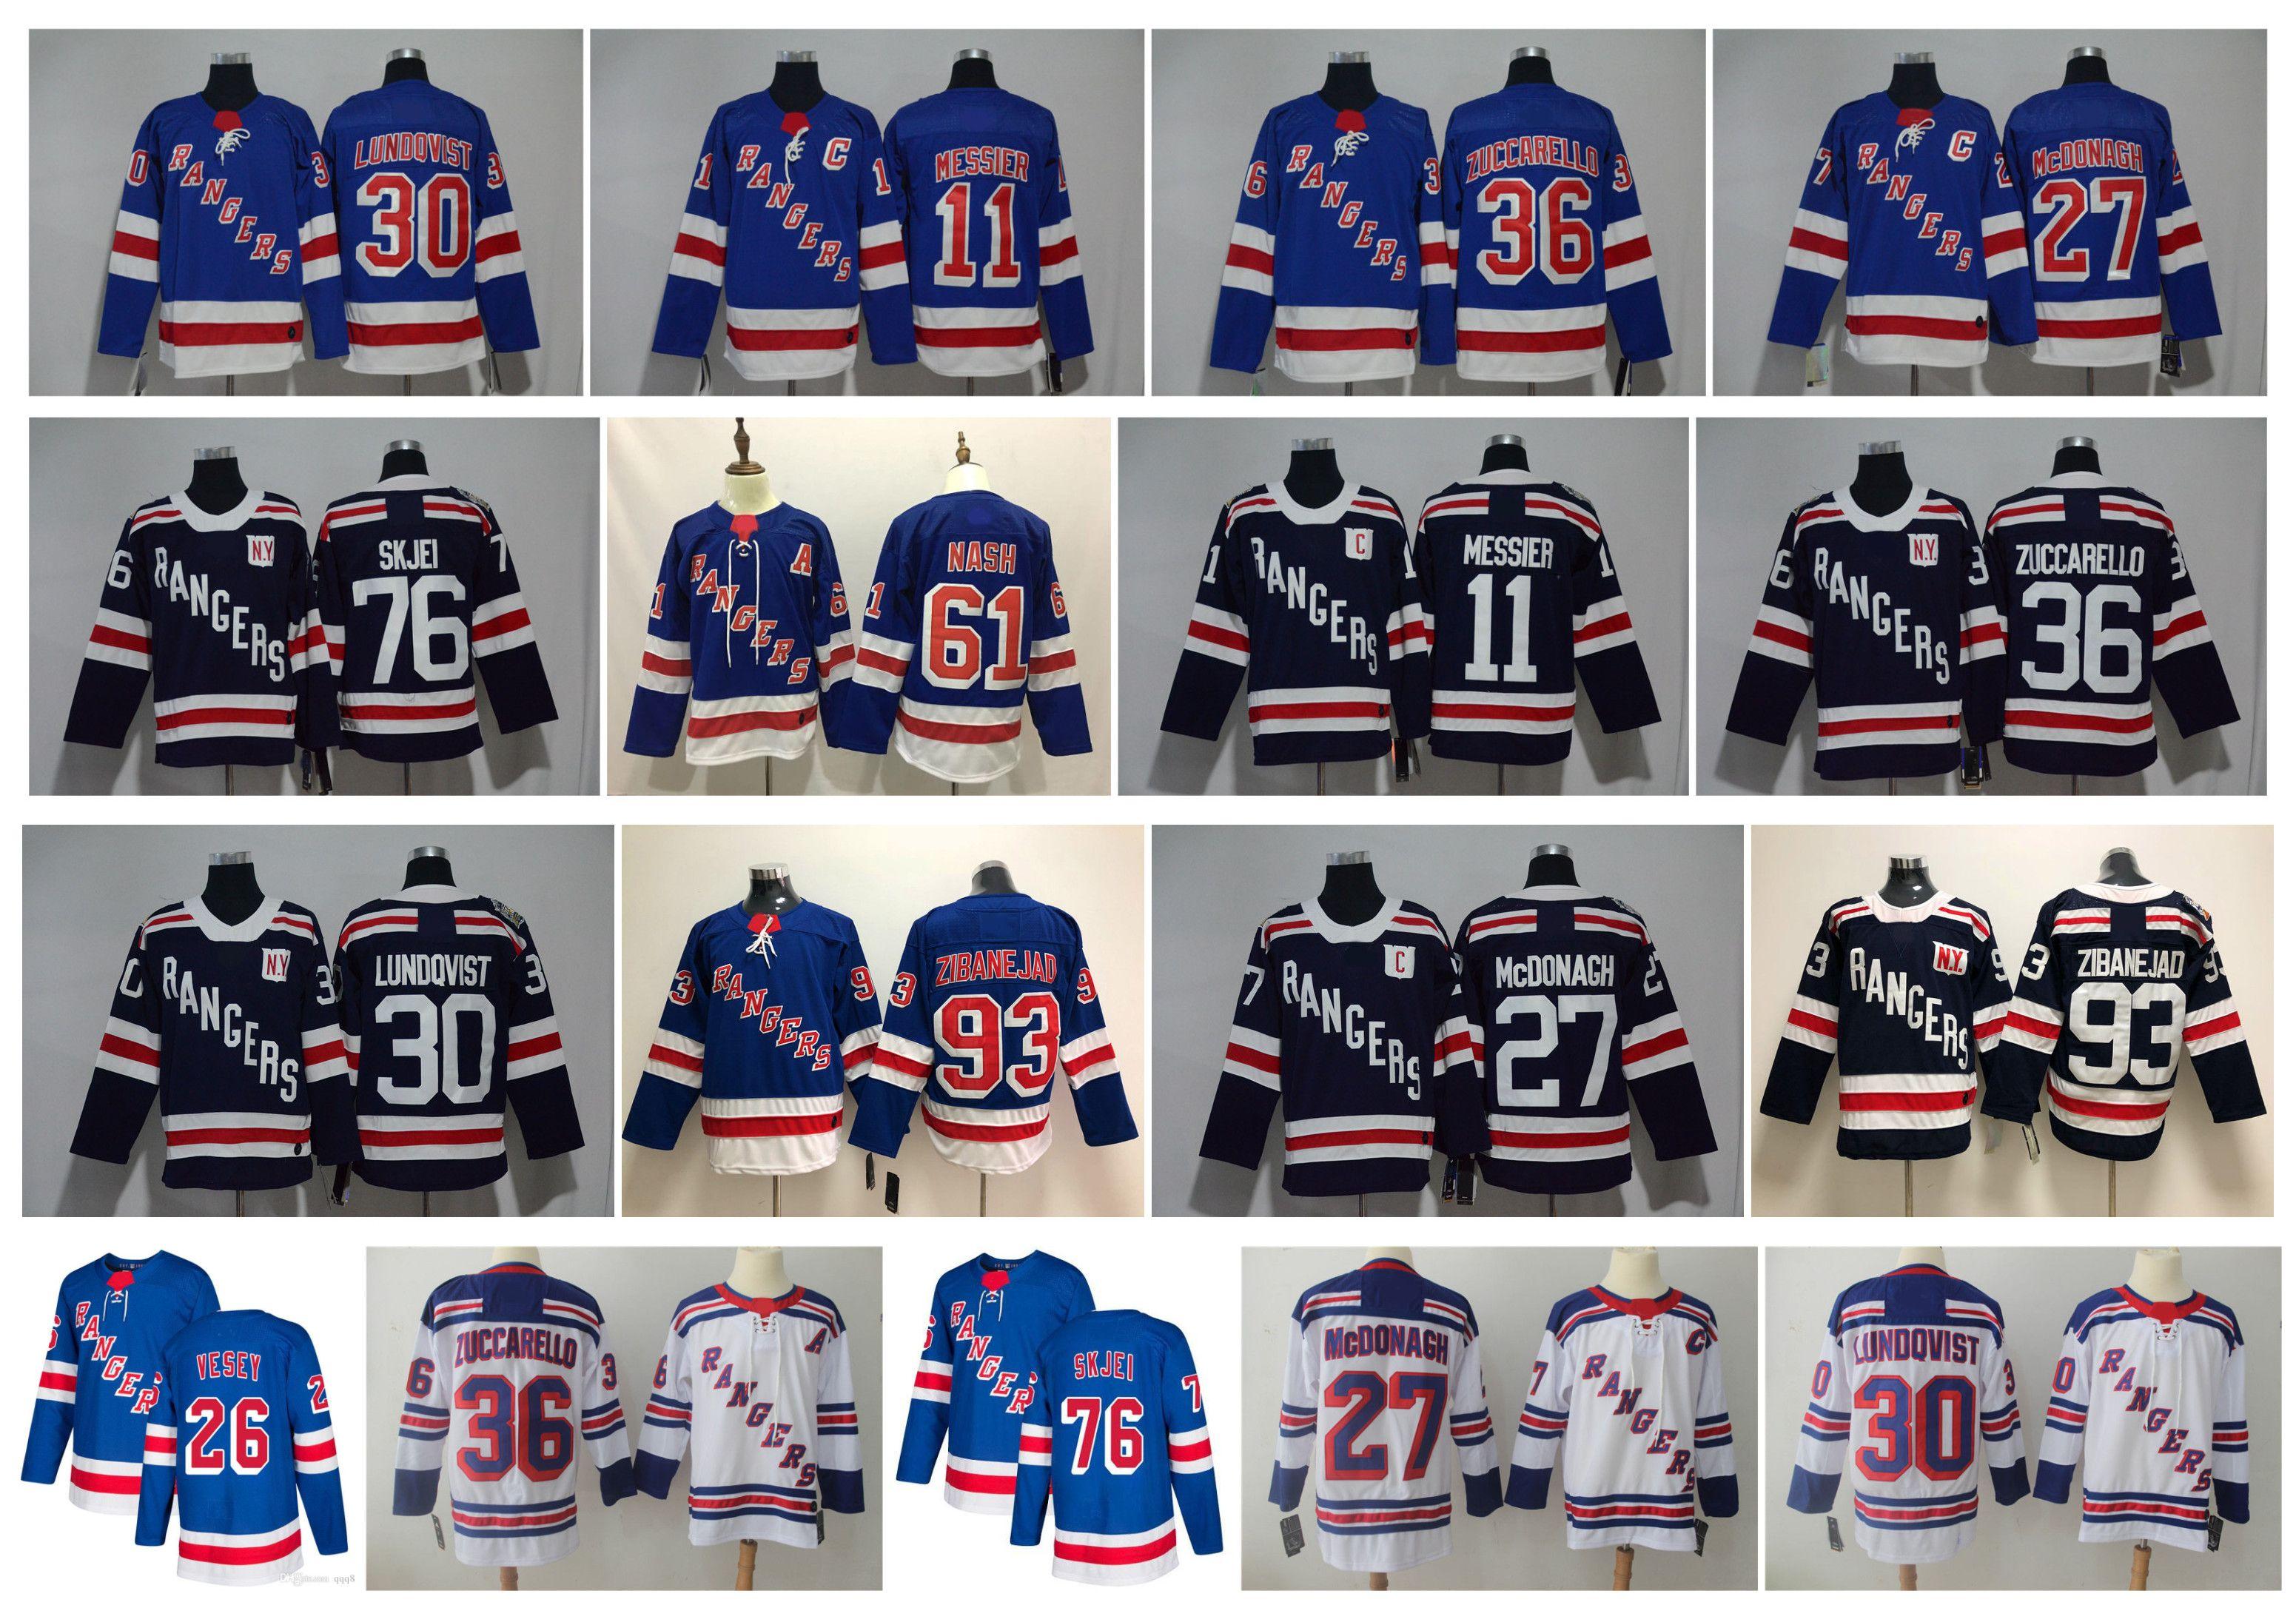 NHL NY نيويورك رينجرز جيرسي 24 Kakko هنريك لوندكفيست 10 أرتيمي بانارين 76 برادي سكجيه 93 ميكا زيبانياد ريان ماكدونا مسير الهوكي